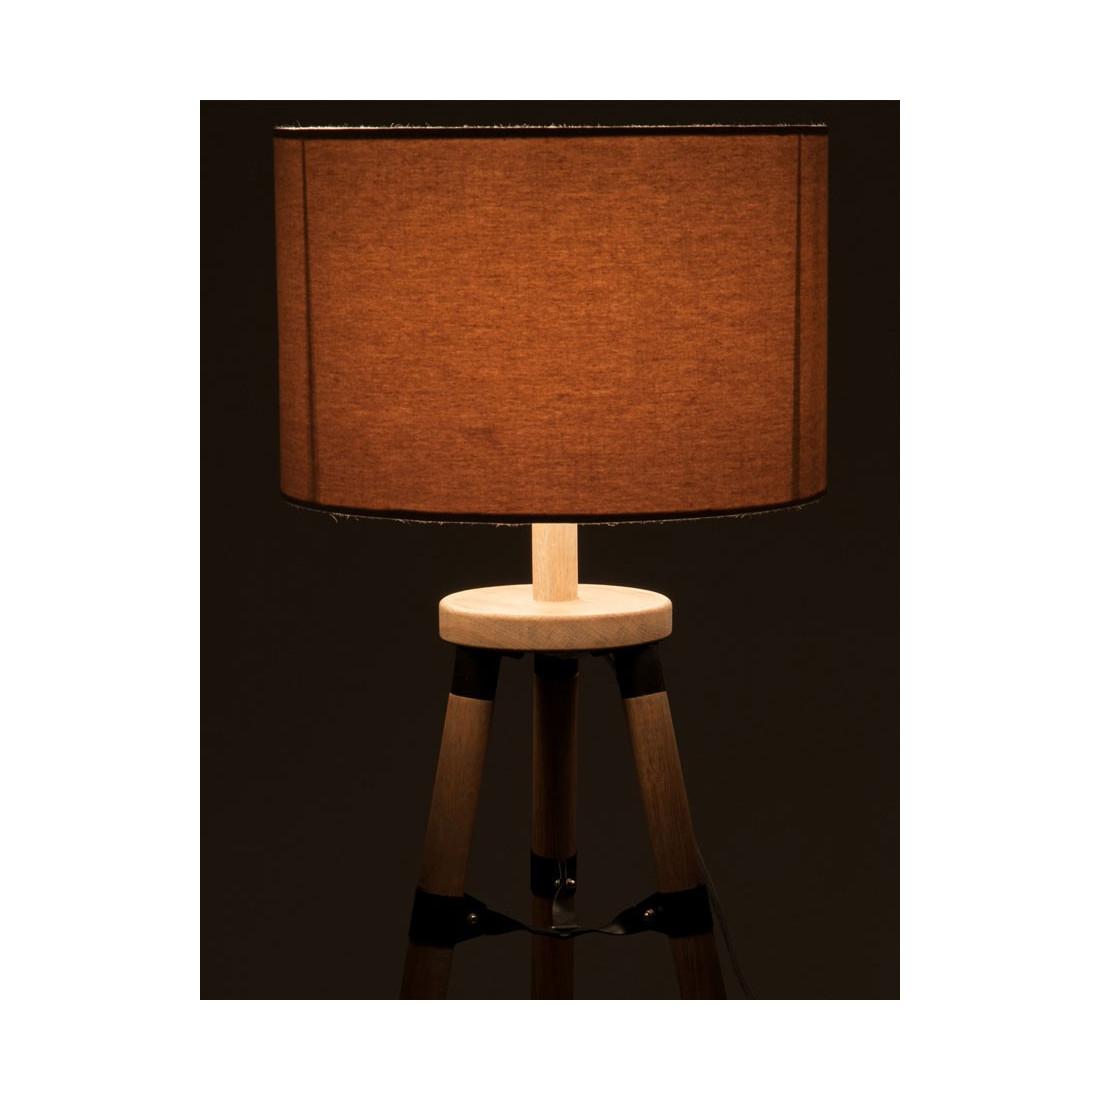 lampe bureau tr pied bois naturel fauvette univers de la. Black Bedroom Furniture Sets. Home Design Ideas